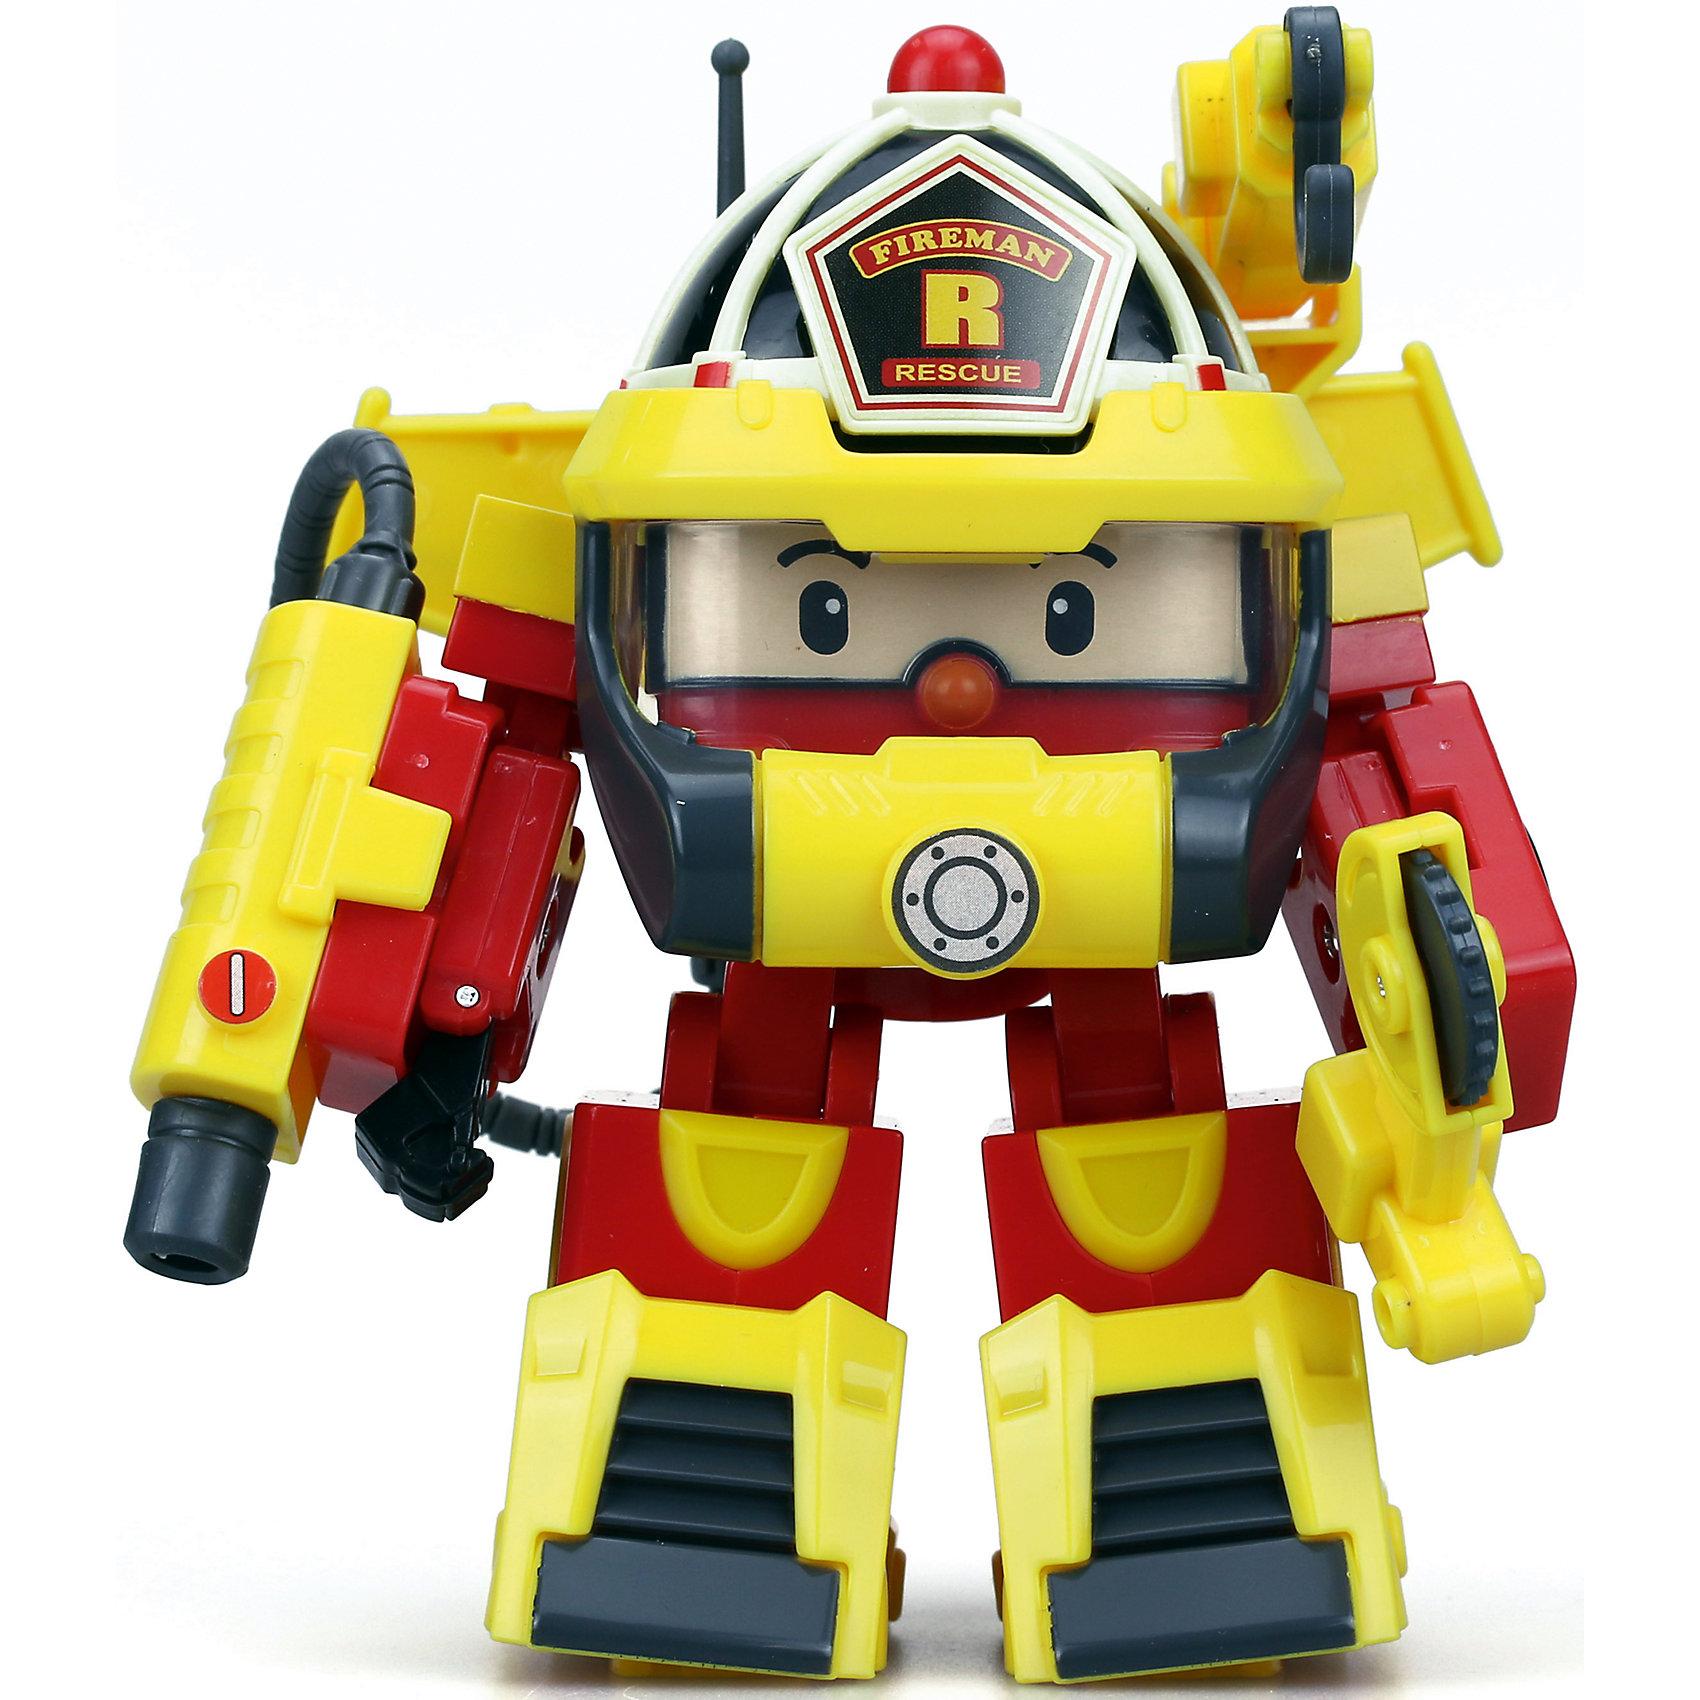 Трансформер и костюм водолаза Рой, 10 см, Робокар ПолиМашинки и транспорт для малышей<br>Трансформер и костюм водолаза Рой, 10 см, Робокар Поли.<br><br>Характеристики:<br><br>- В наборе: игрушка-трансформер, аксессуары костюма водолаза<br>- Материал: пластик<br>- Размер игрушки: 10 см.<br>- Упаковка: картонная коробка блистерного типа<br>- Размер упаковки: 10,8 x 15,2 x 17,2 см.<br>- Вес: 335 гр.<br><br>Теперь у ловкого и отважного пожарного автомобиля Робокара Роя появилось еще больше возможностей помогать людям, ведь у него есть водолазный костюм. Жители необычного городка Брумстауна могут не беспокоиться даже в том случае, если неприятности настигнут их под водой. Наш Рой легко и быстро трансформируется из машинки в робота, наденет на себя костюм и ринется на помощь людям!<br><br>Трансформера и костюм водолаза Рой, 10 см, Робокар Поли можно купить в нашем интернет-магазине.<br><br>Ширина мм: 152<br>Глубина мм: 108<br>Высота мм: 171<br>Вес г: 357<br>Возраст от месяцев: 36<br>Возраст до месяцев: 2147483647<br>Пол: Унисекс<br>Возраст: Детский<br>SKU: 5059832